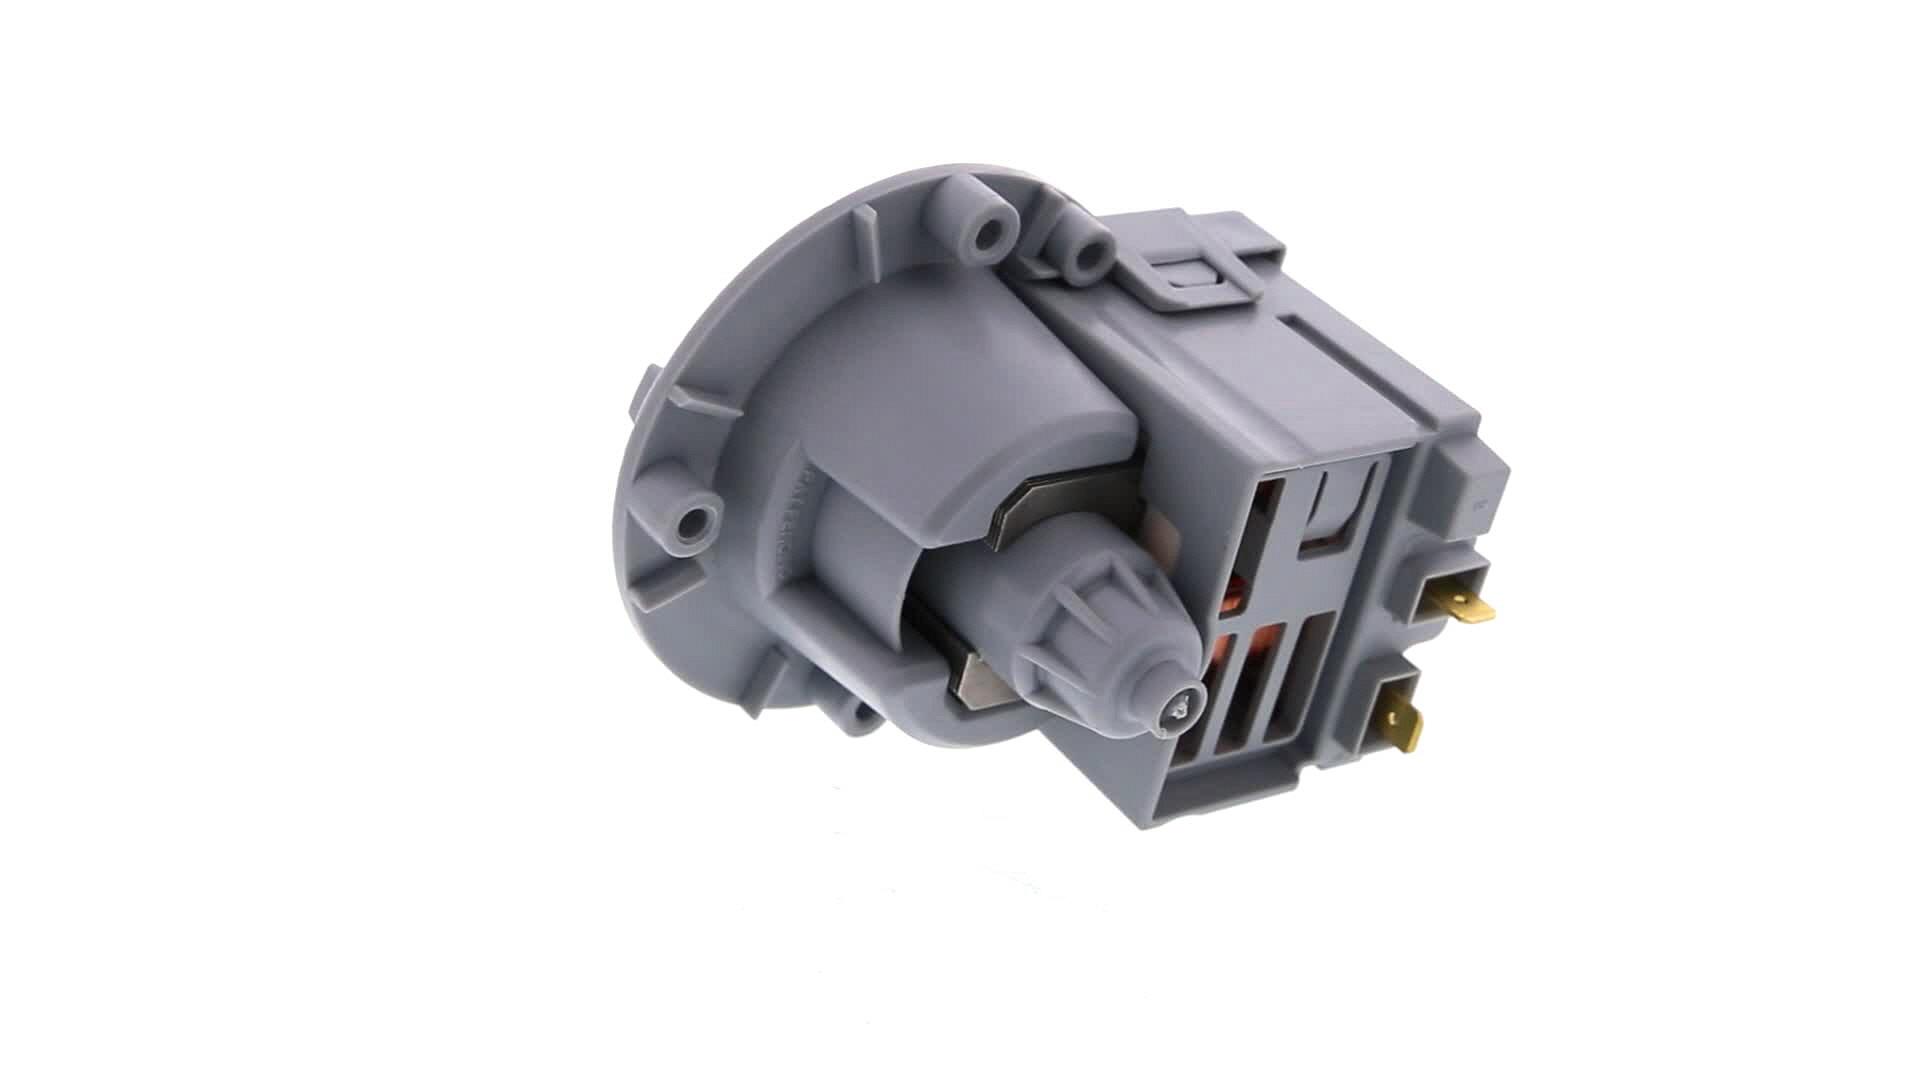 Pompe de vidange Lave-Linge ASKOLL MOD 290875 28-40W - 2